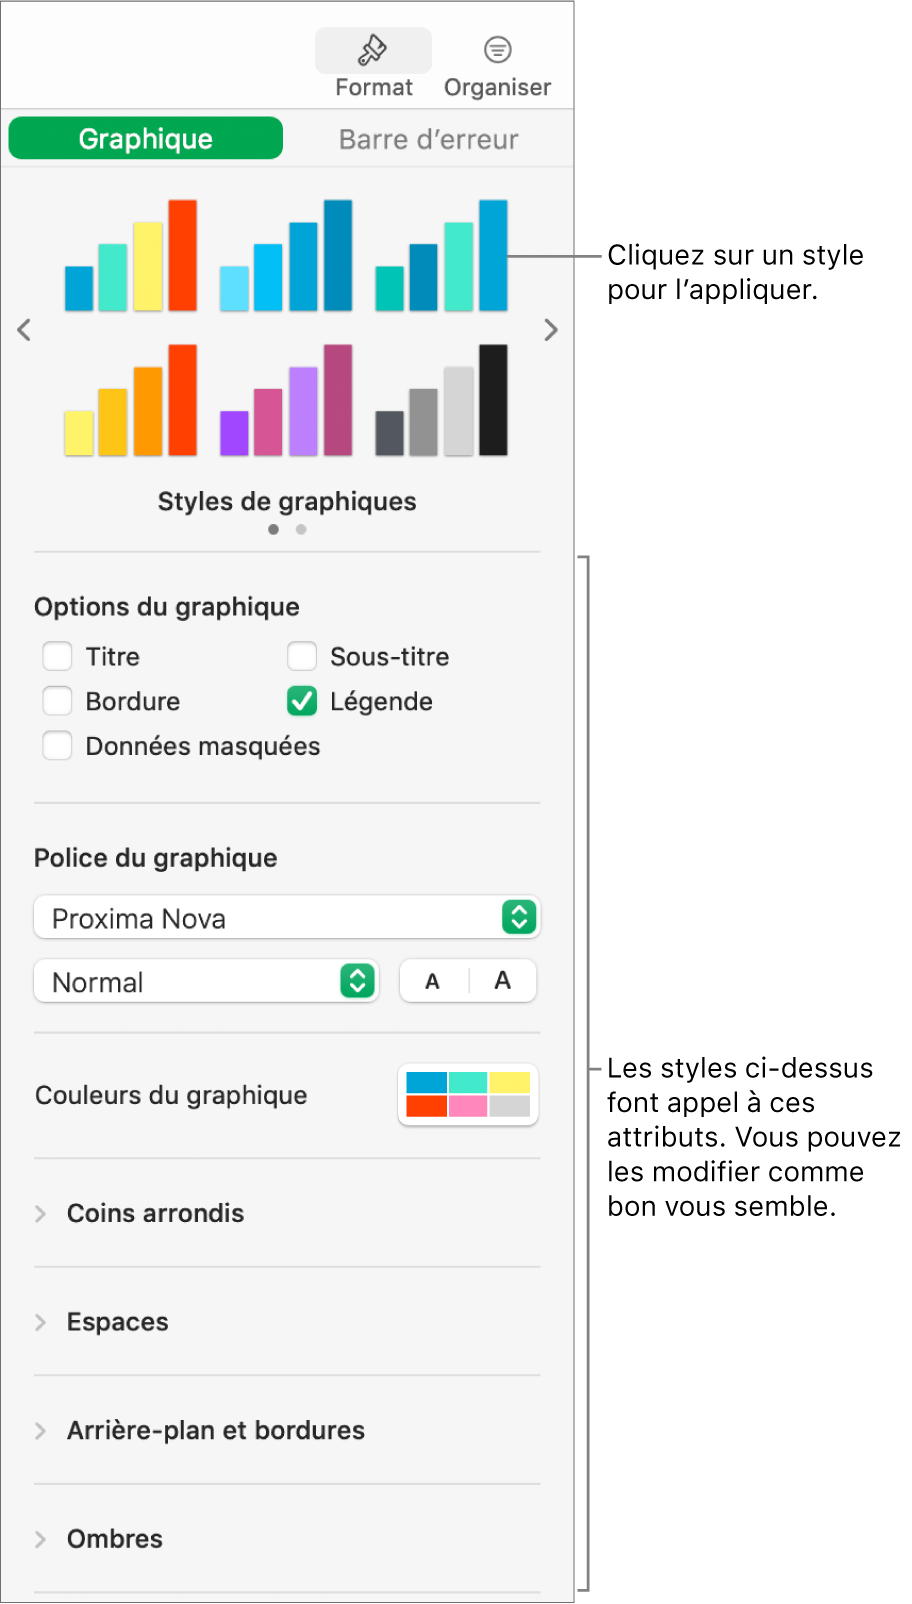 Barre latérale de formatage avec les commandes permettant de mettre en forme les graphiques.